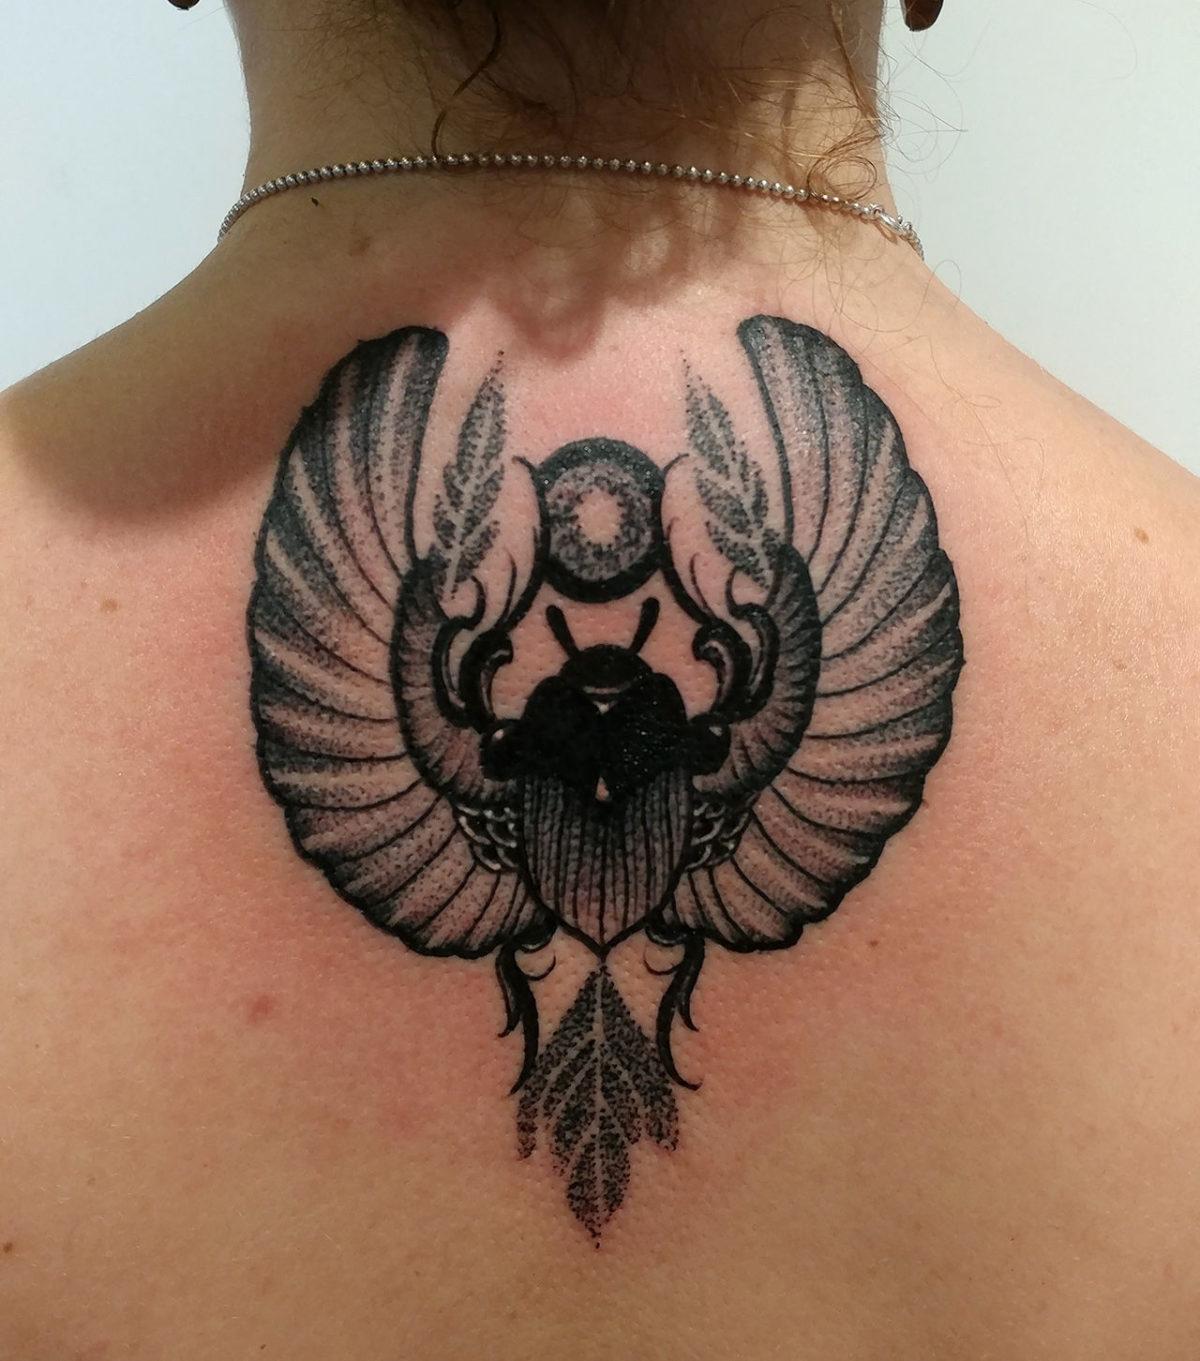 62 Ideas de Tatuajes de Escarabajos (+Significados) 18